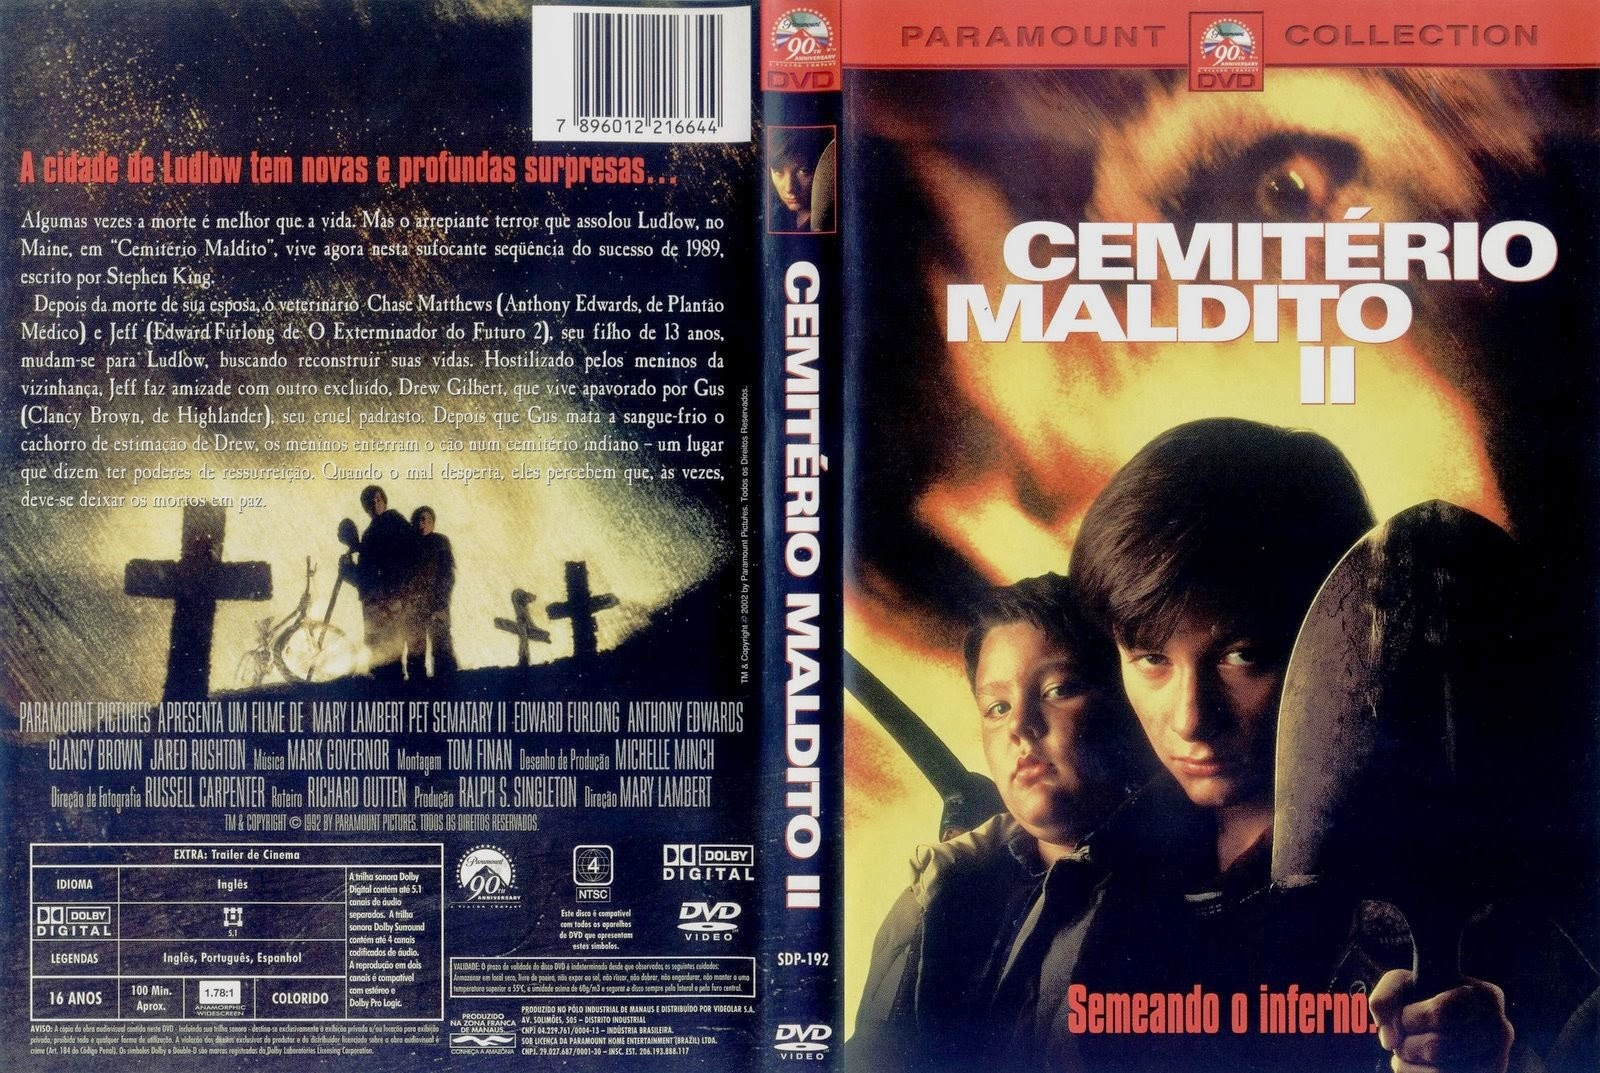 Filme Cemitério Maldito 2 DVD Capa